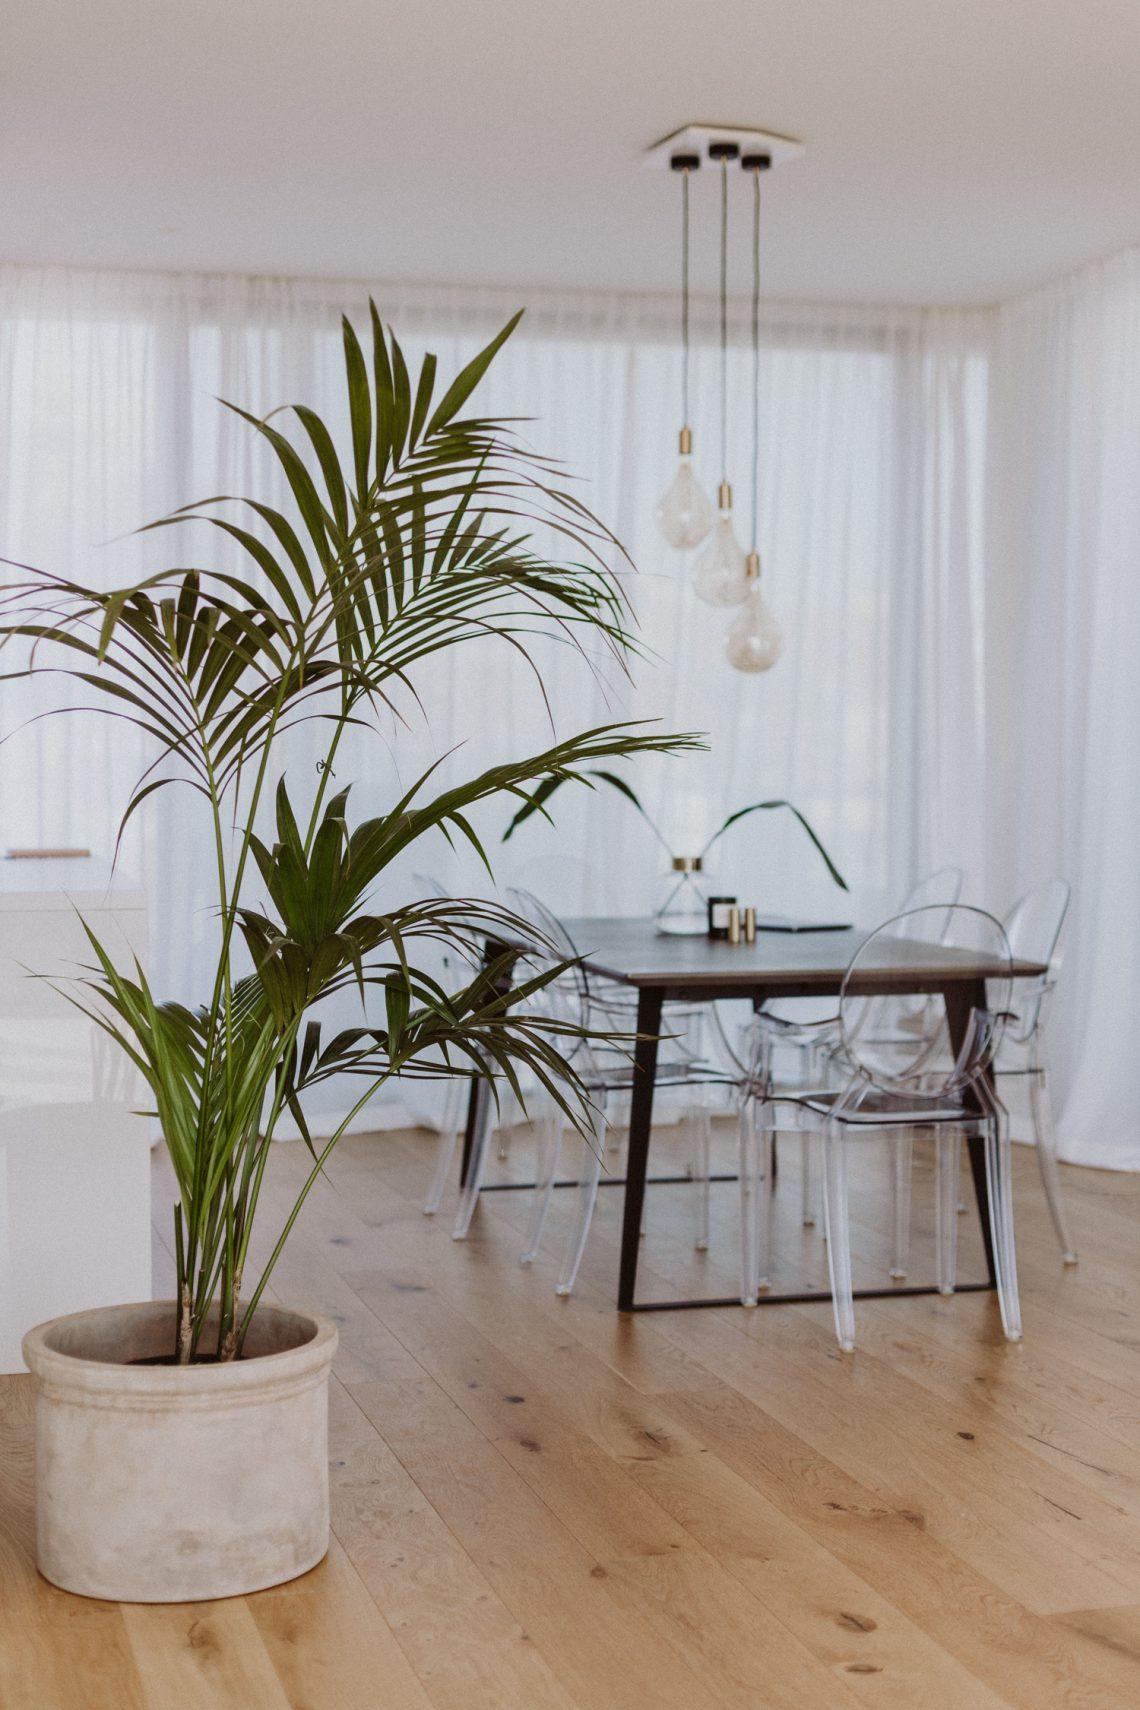 Die Besten Pflanzen Für Die Wohnung Love Daily Dose